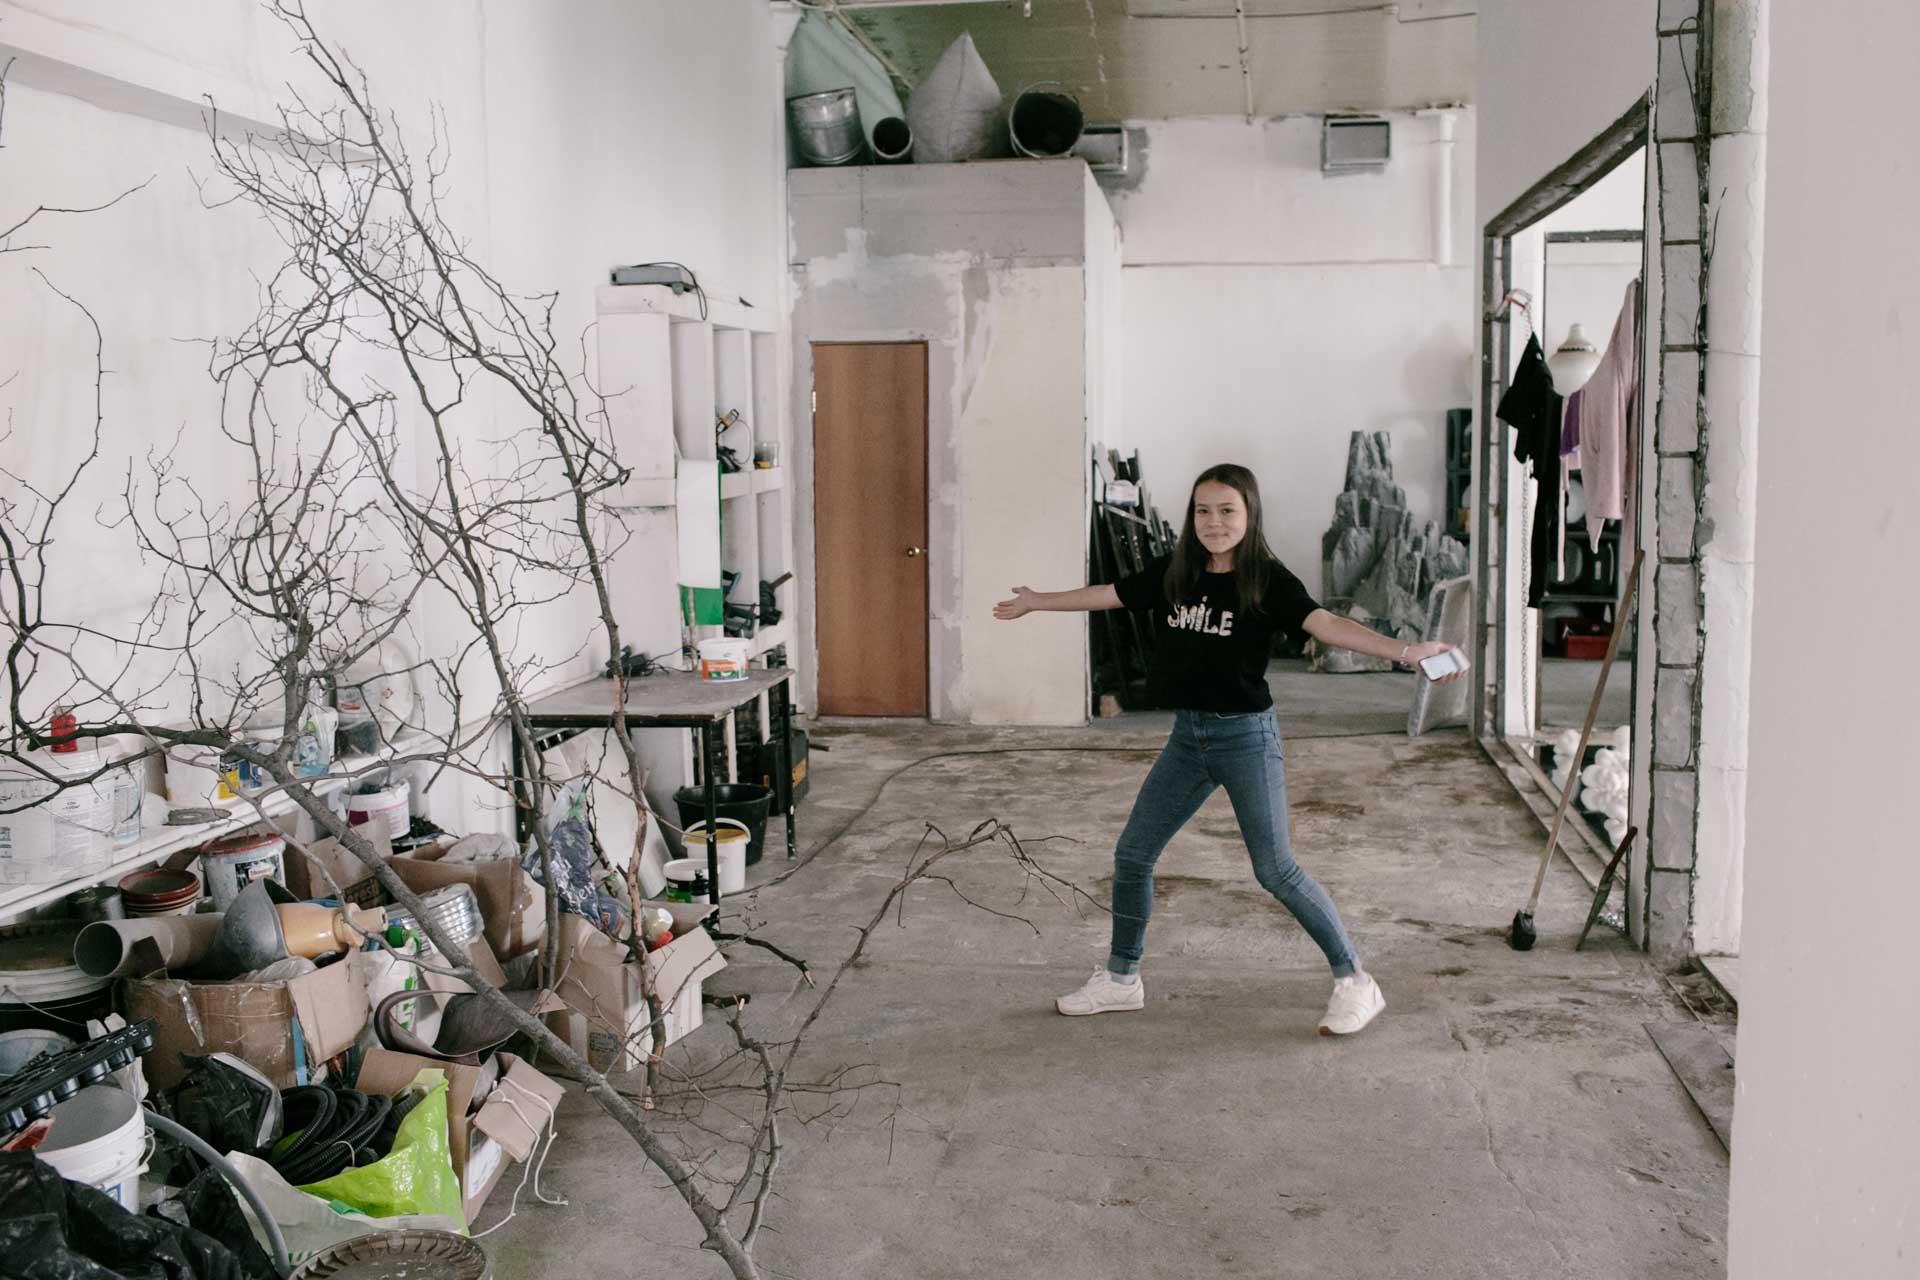 Ульяна улыбается. Это студия в Москве и мы гости. Делаю несколько фотографий интерьера. Сухой куст для декорации, нагромождение чего-то у стены, стеллажи с инструментами, сохнет белье. Так, выйди из кадра.